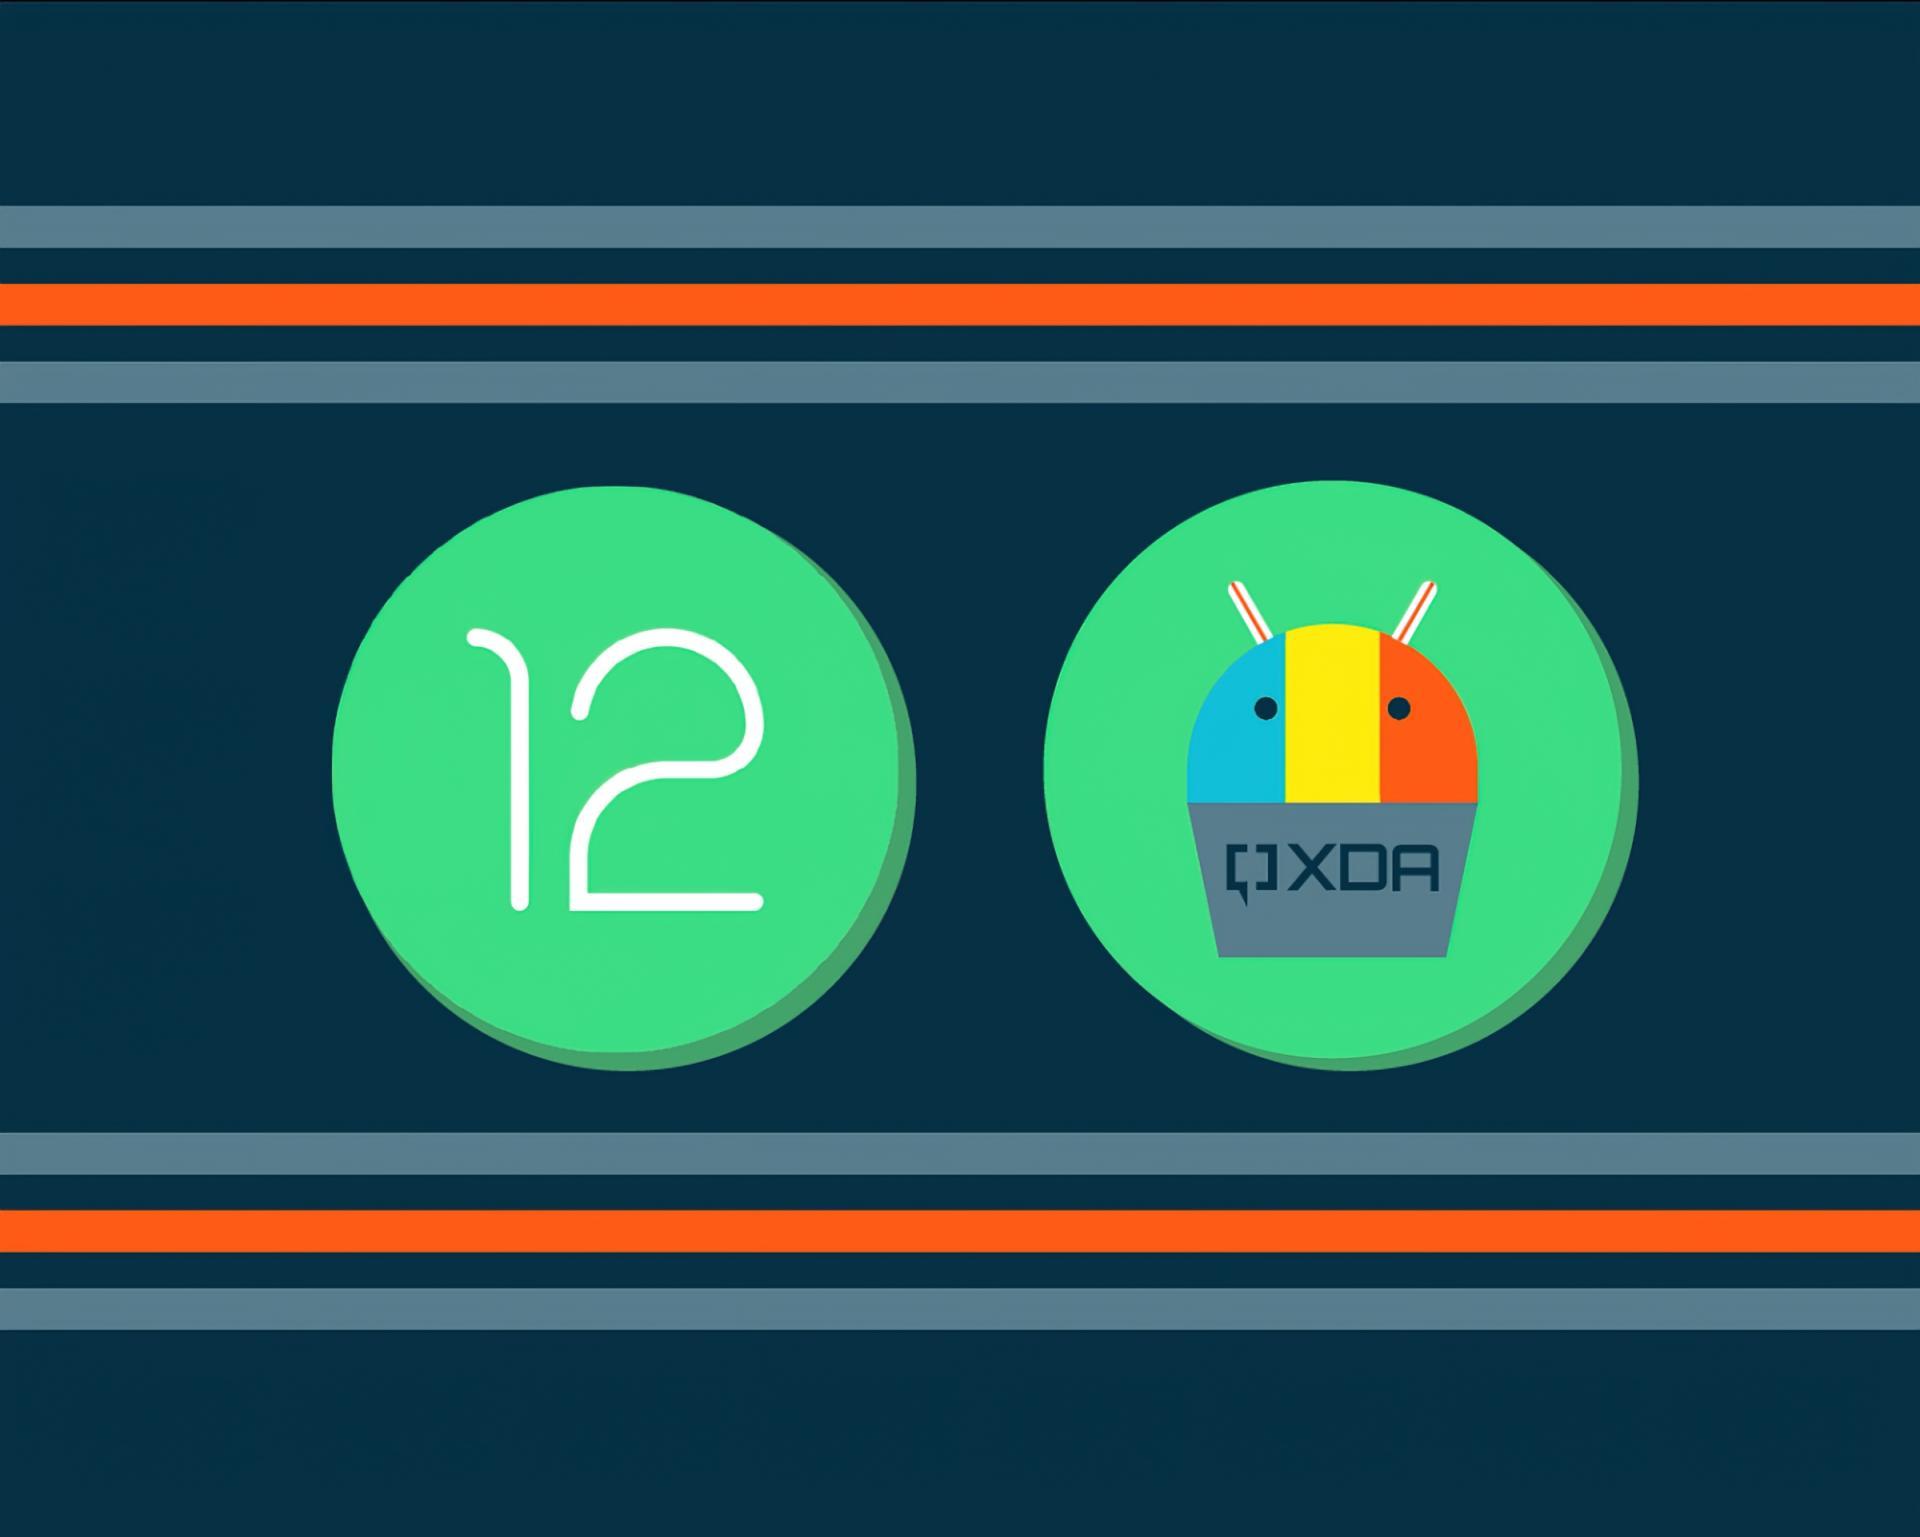 В Android 12 тестируют новую анимацию интерфейса